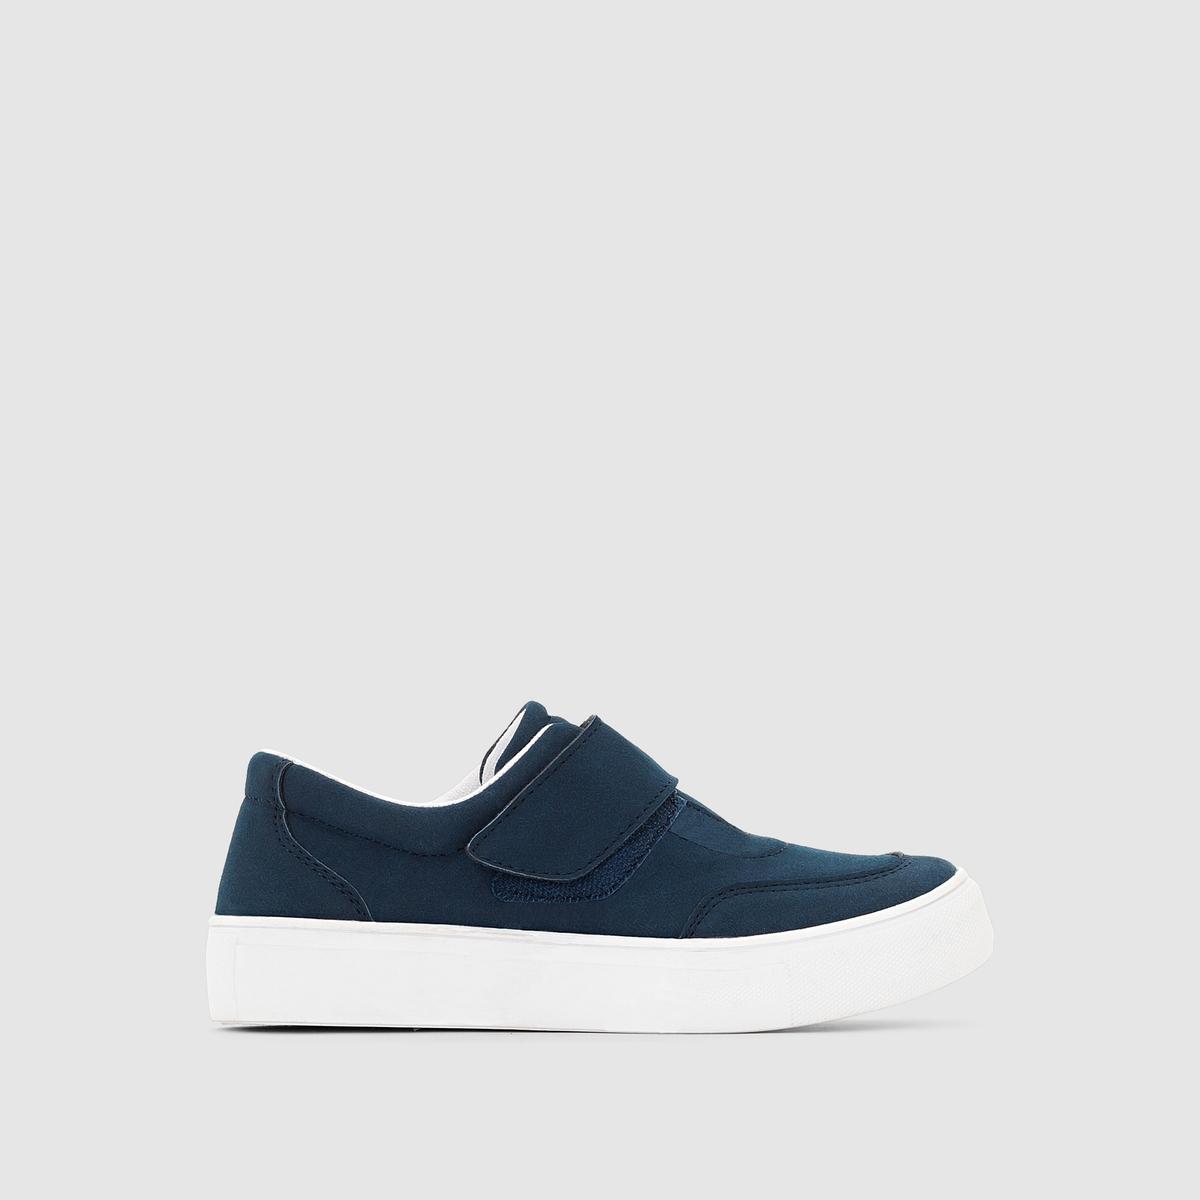 Кеды синтетическиеДетали  •  Спортивный стиль •  Плоский каблук •  Застежка : планка-велкро •  Гладкая отделкаСостав и уход  •  Верх 100% синтетический материал •  Подкладка 100% хлопок<br><br>Цвет: сине-серый<br>Размер: 38